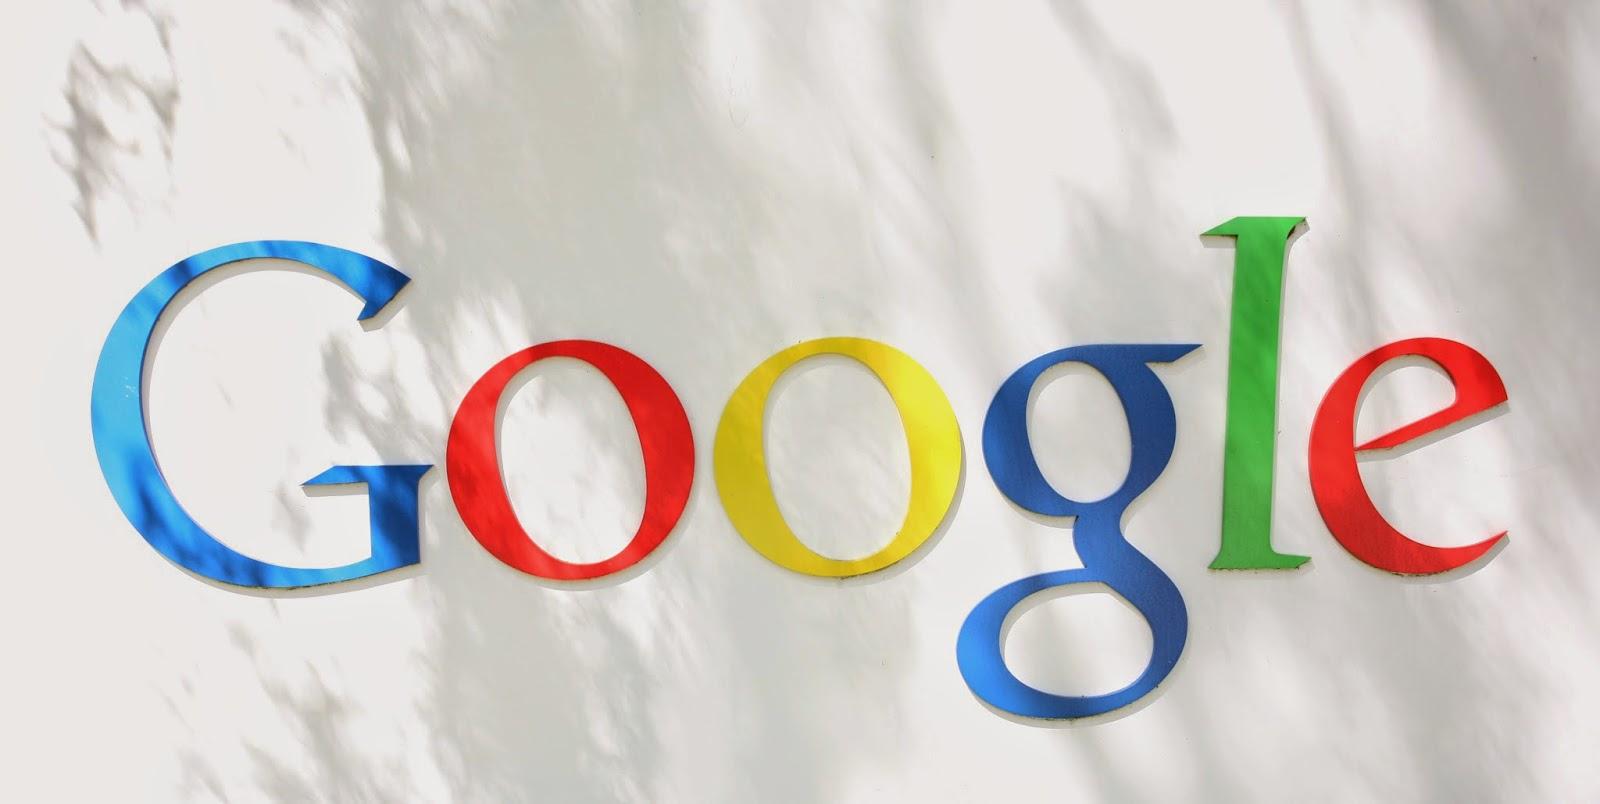 طريقة اكتشاف من دخل الى حسابك على جوجل و من حاول الدخول اليه مع تفاصيل أكثر